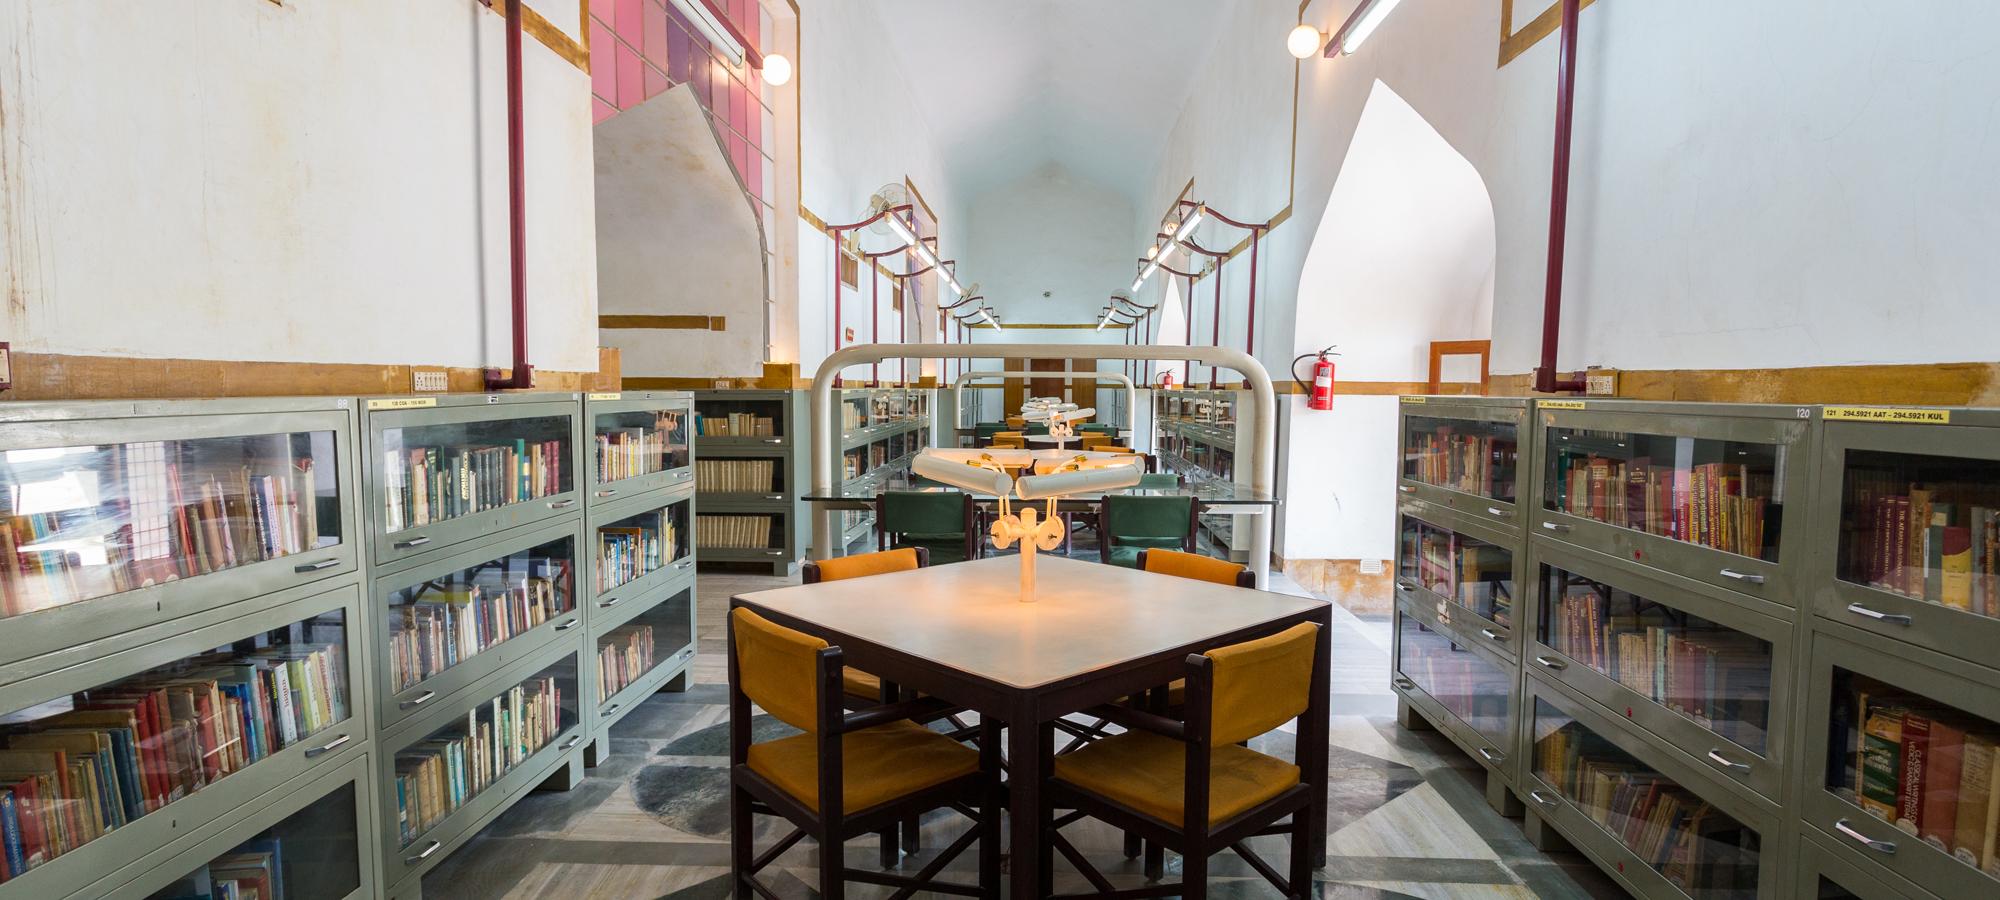 महाराणा मेवाड विशिष्ट पुस्तकालय ने मनाया'राष्ट्रीय पुस्तकालय सप्ताह'